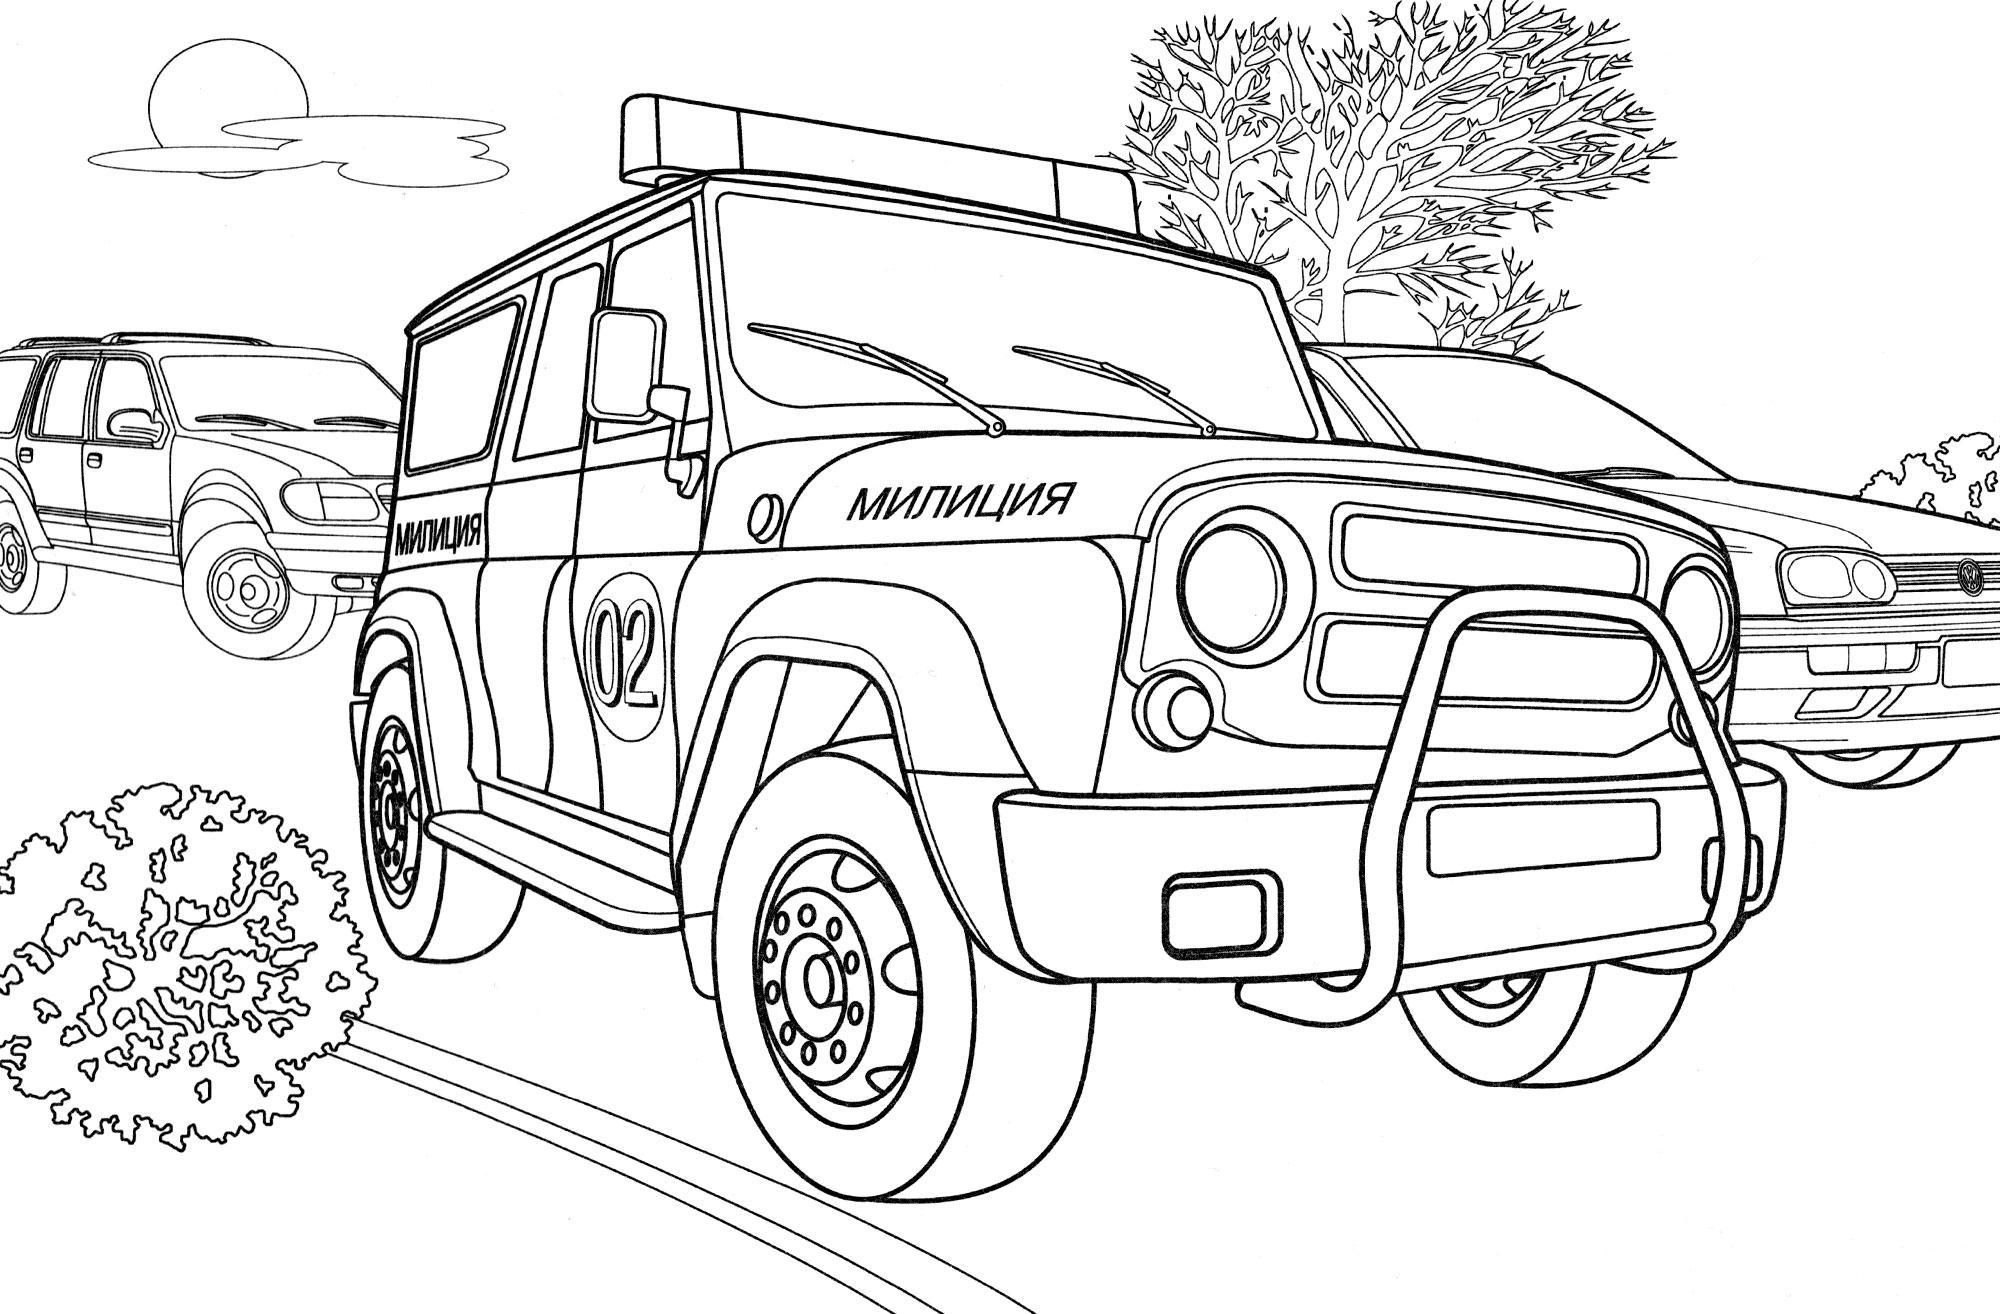 Раскраска Полицейская машина УАЗ - распечатать бесплатно